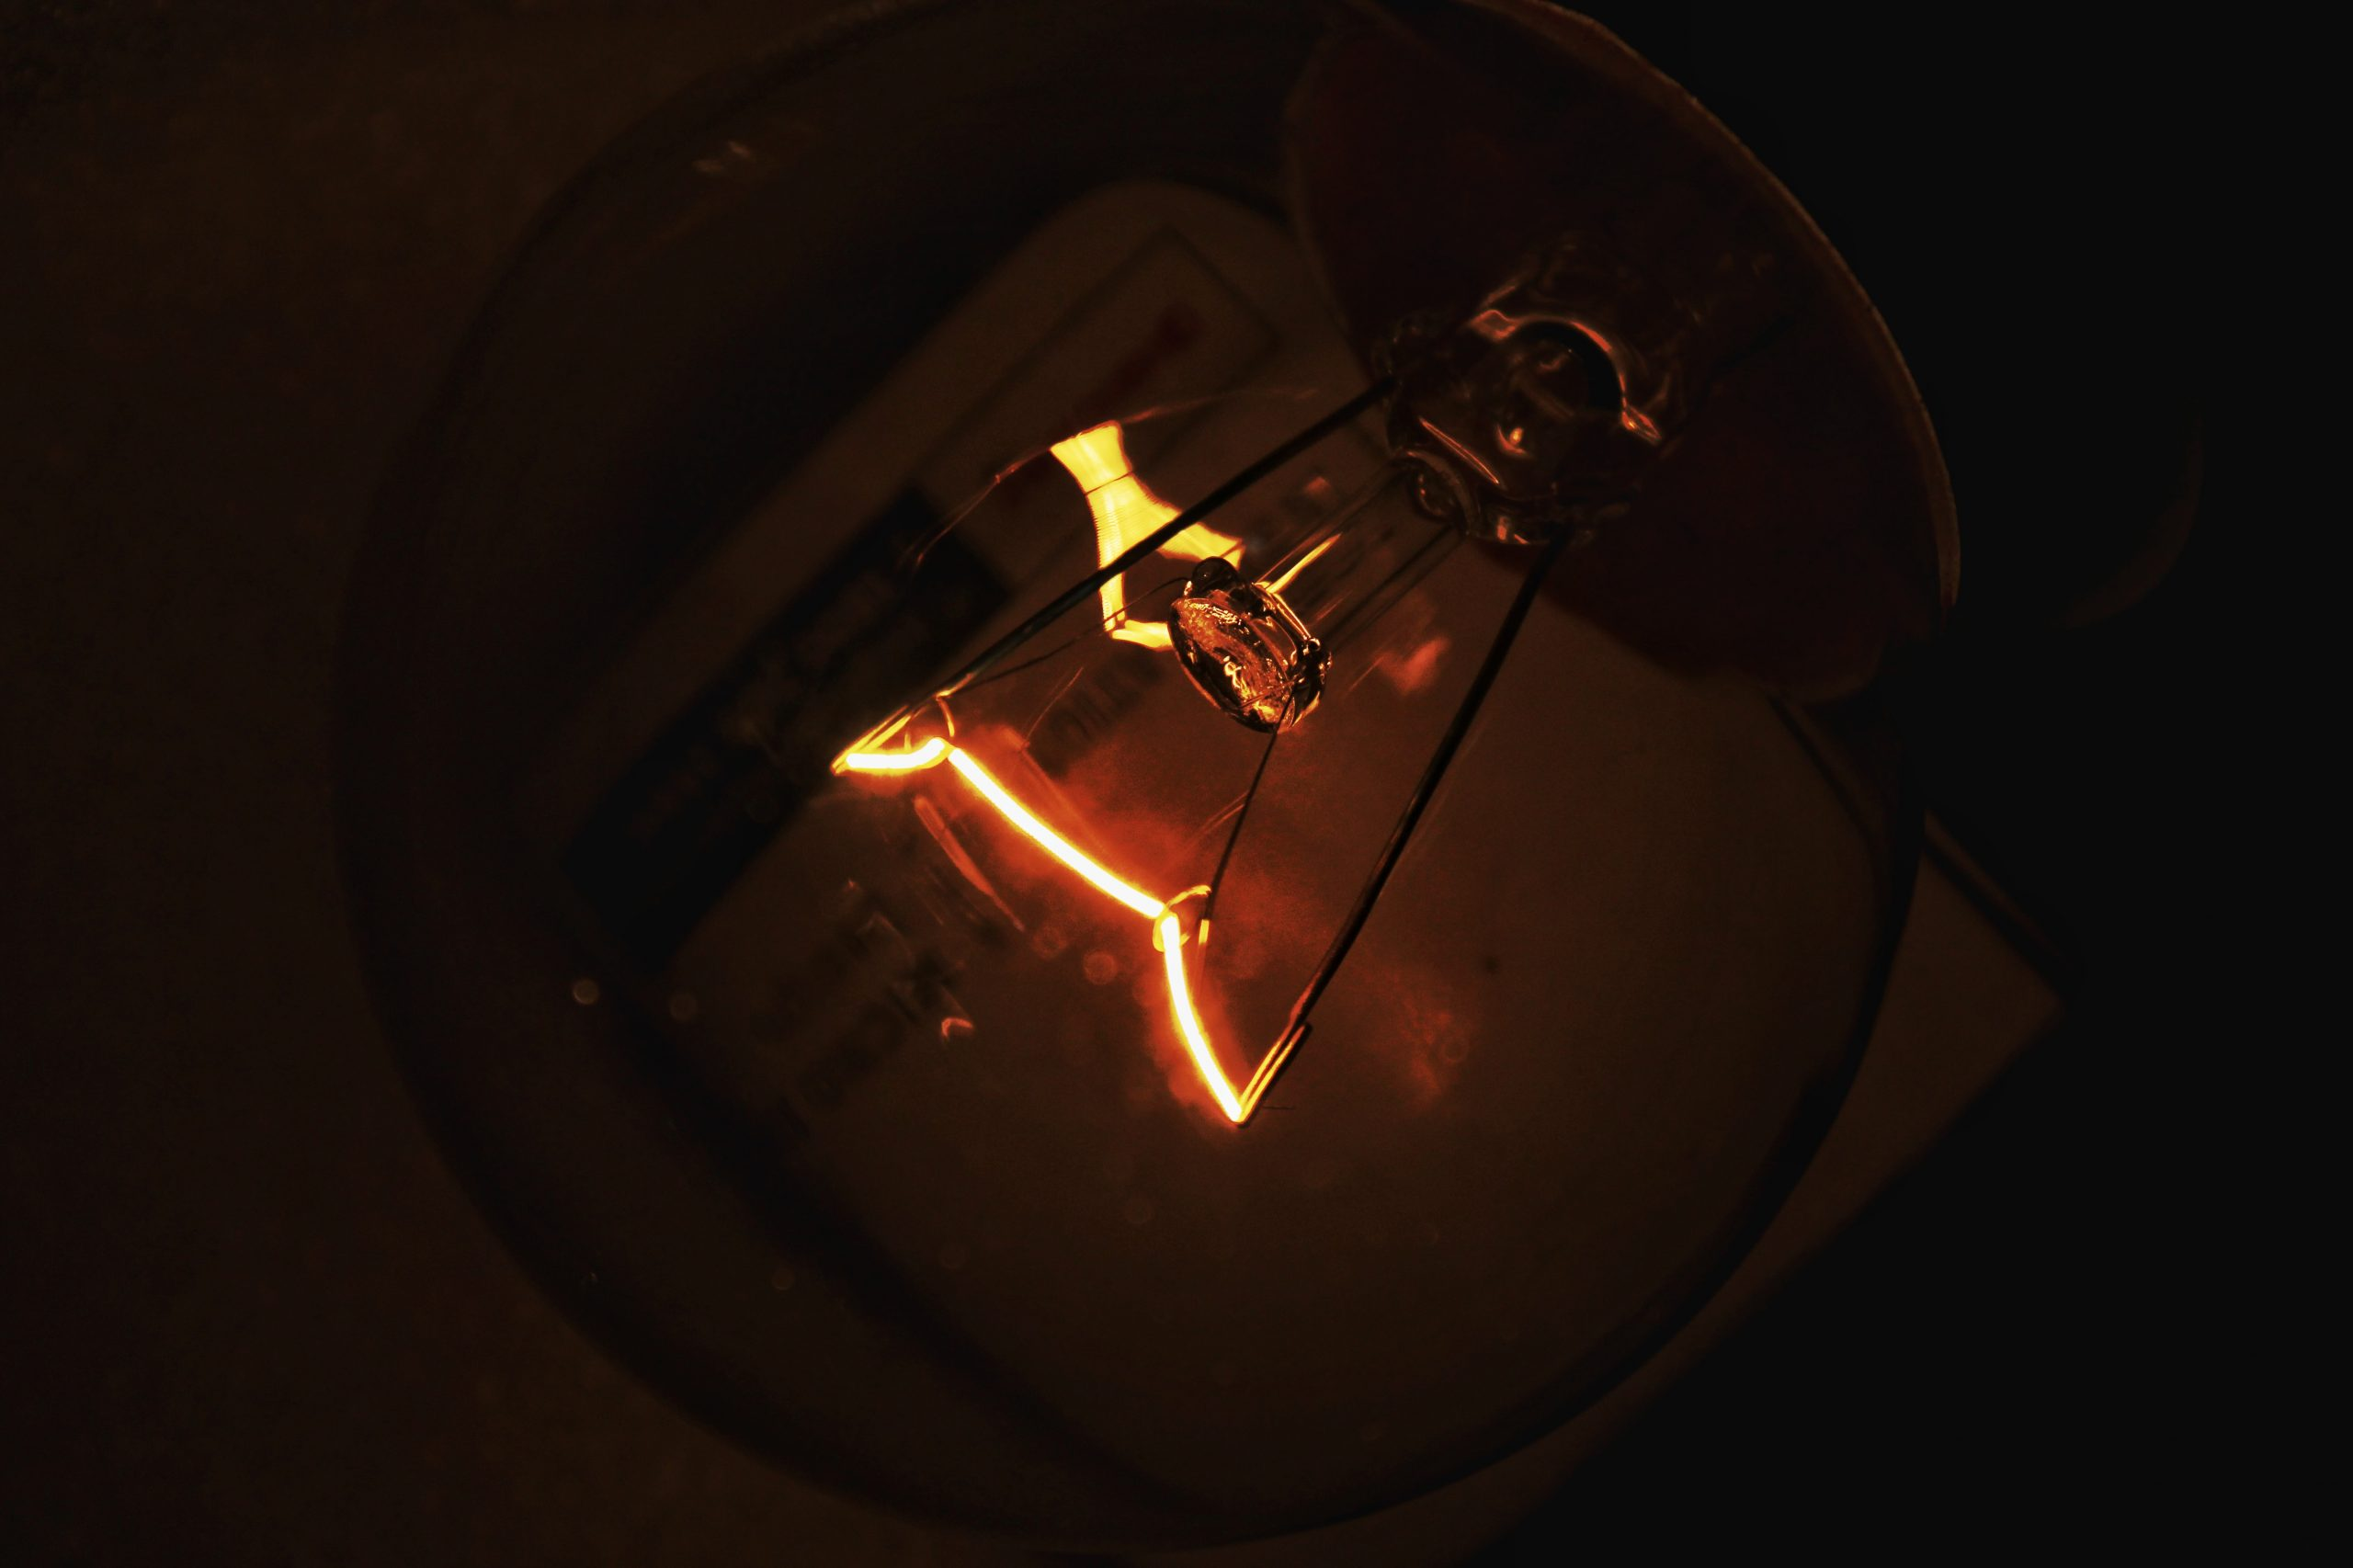 A filament light bulb